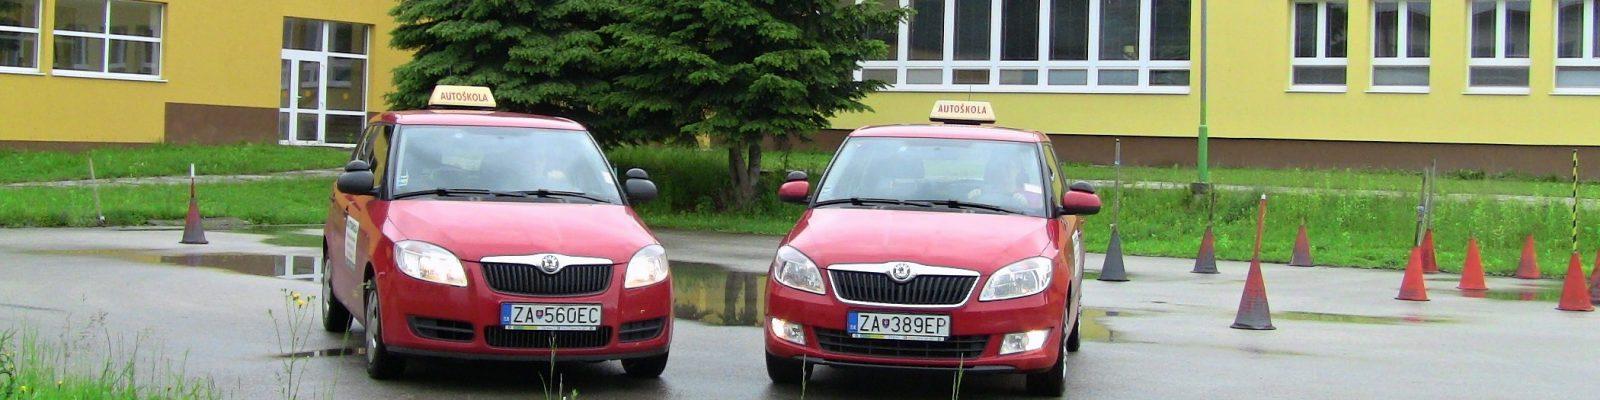 Dopravná akadémia - Autoškola